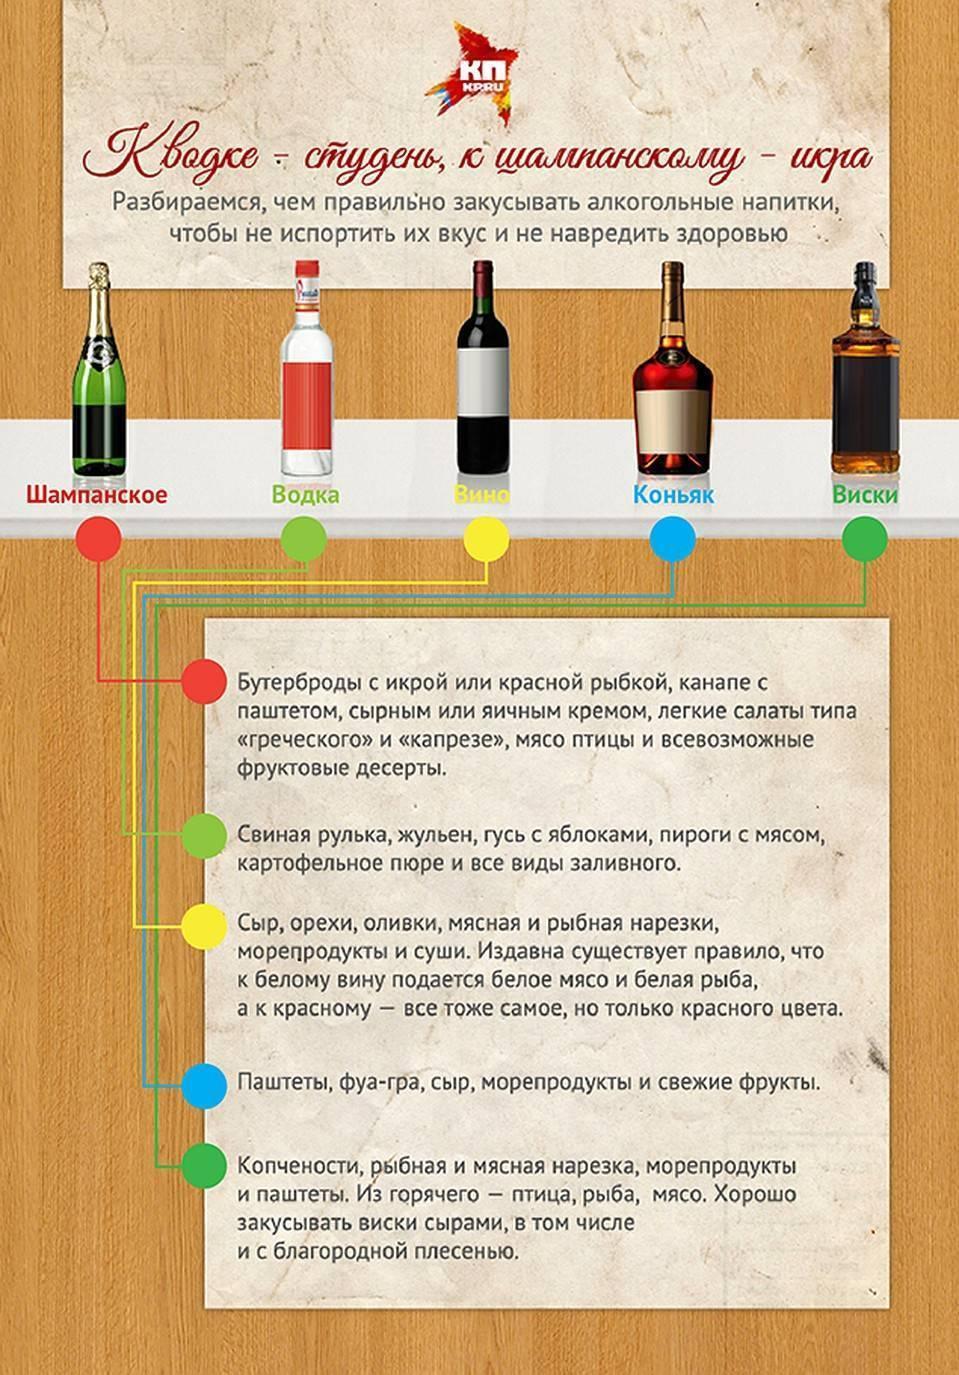 Как пить водку: закуска, чем запить, этикет